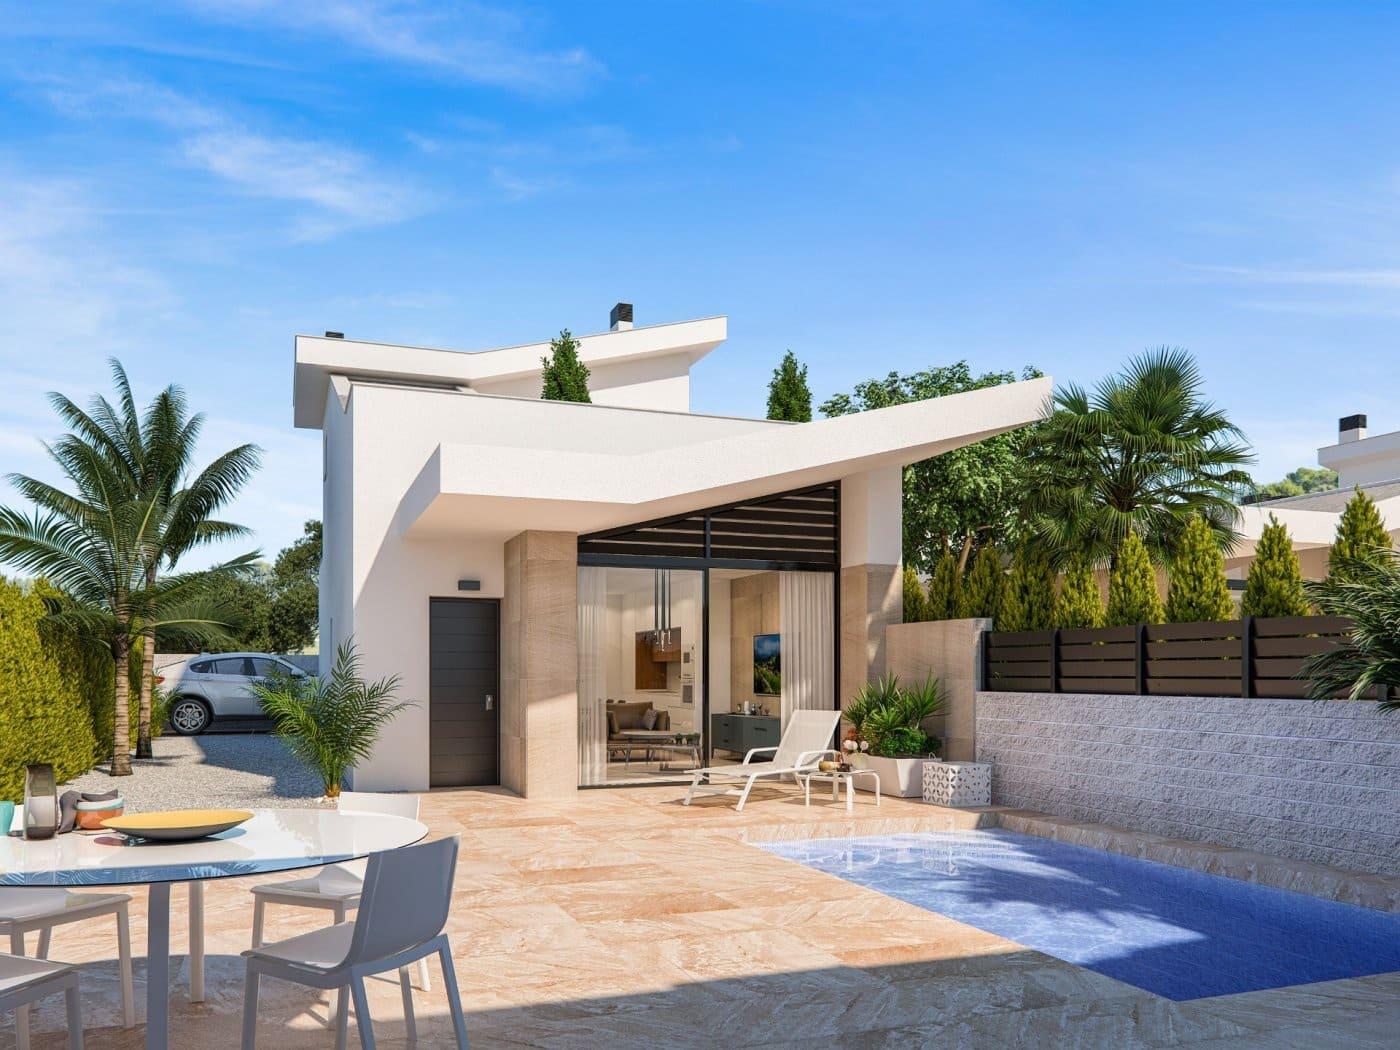 Chalet de 3 habitaciones en Benijófar en venta - 274.900 € (Ref: 5090717)